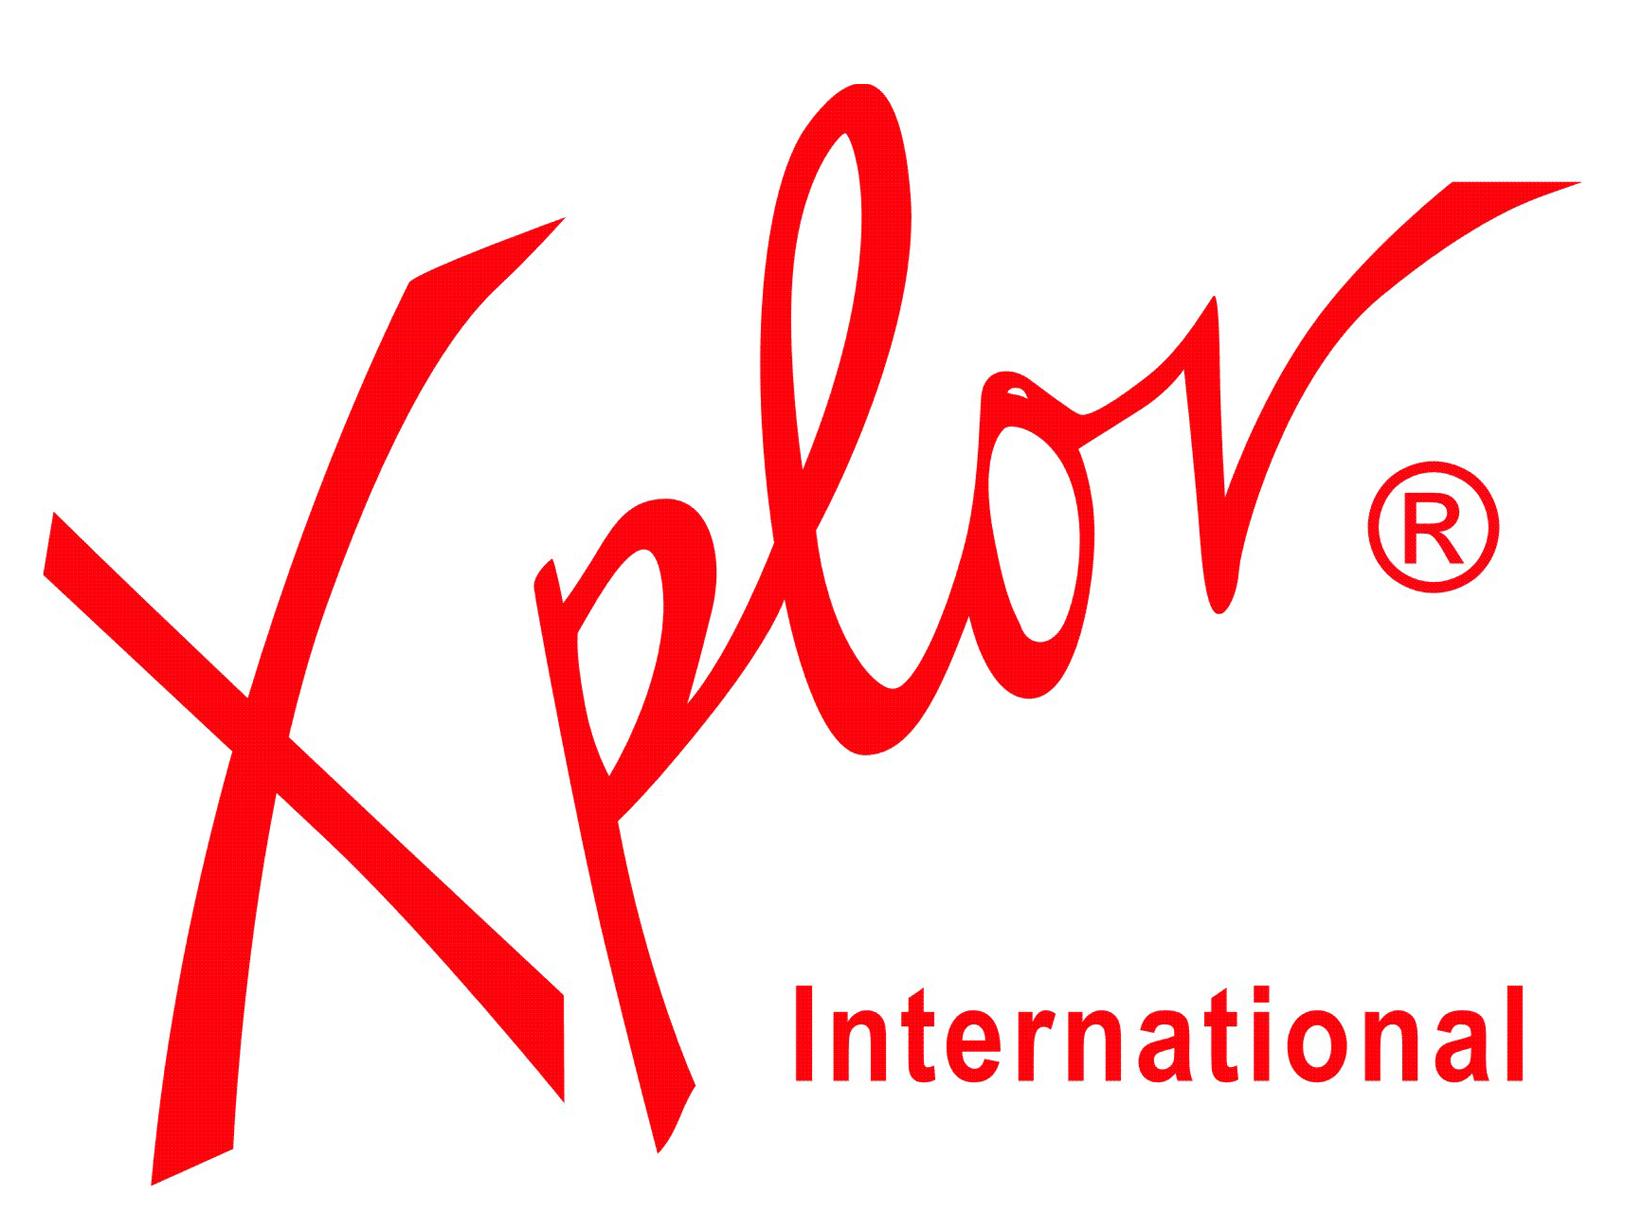 xplor_logo